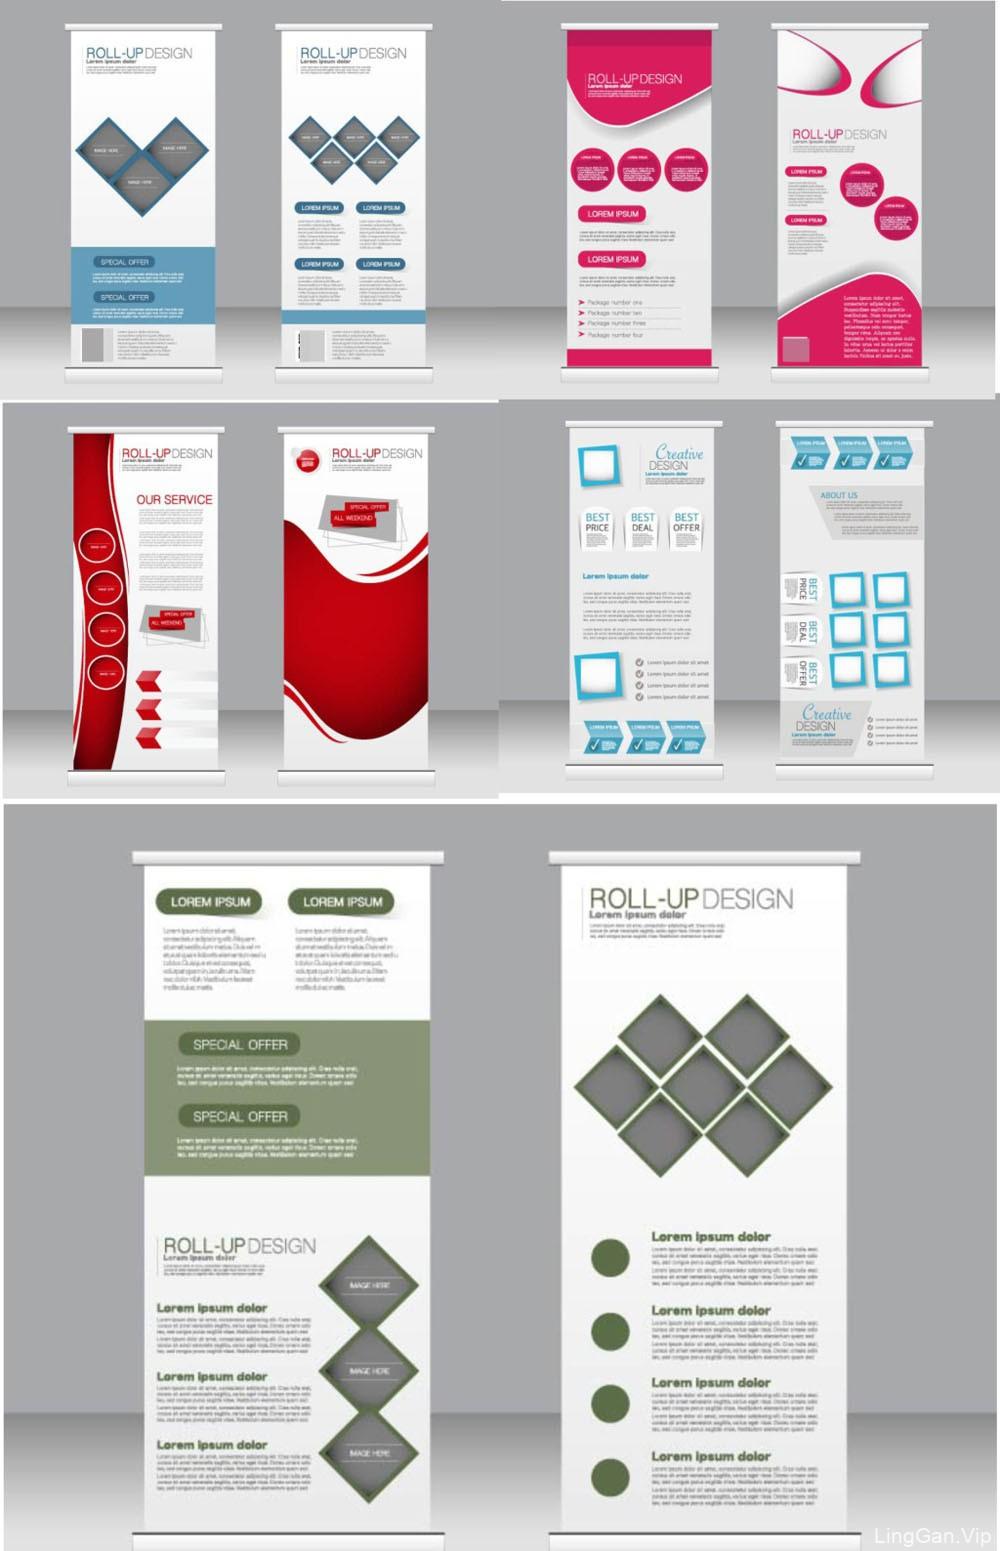 分享几种国外比较好版式的X展板设计/易拉宝展架设计模板